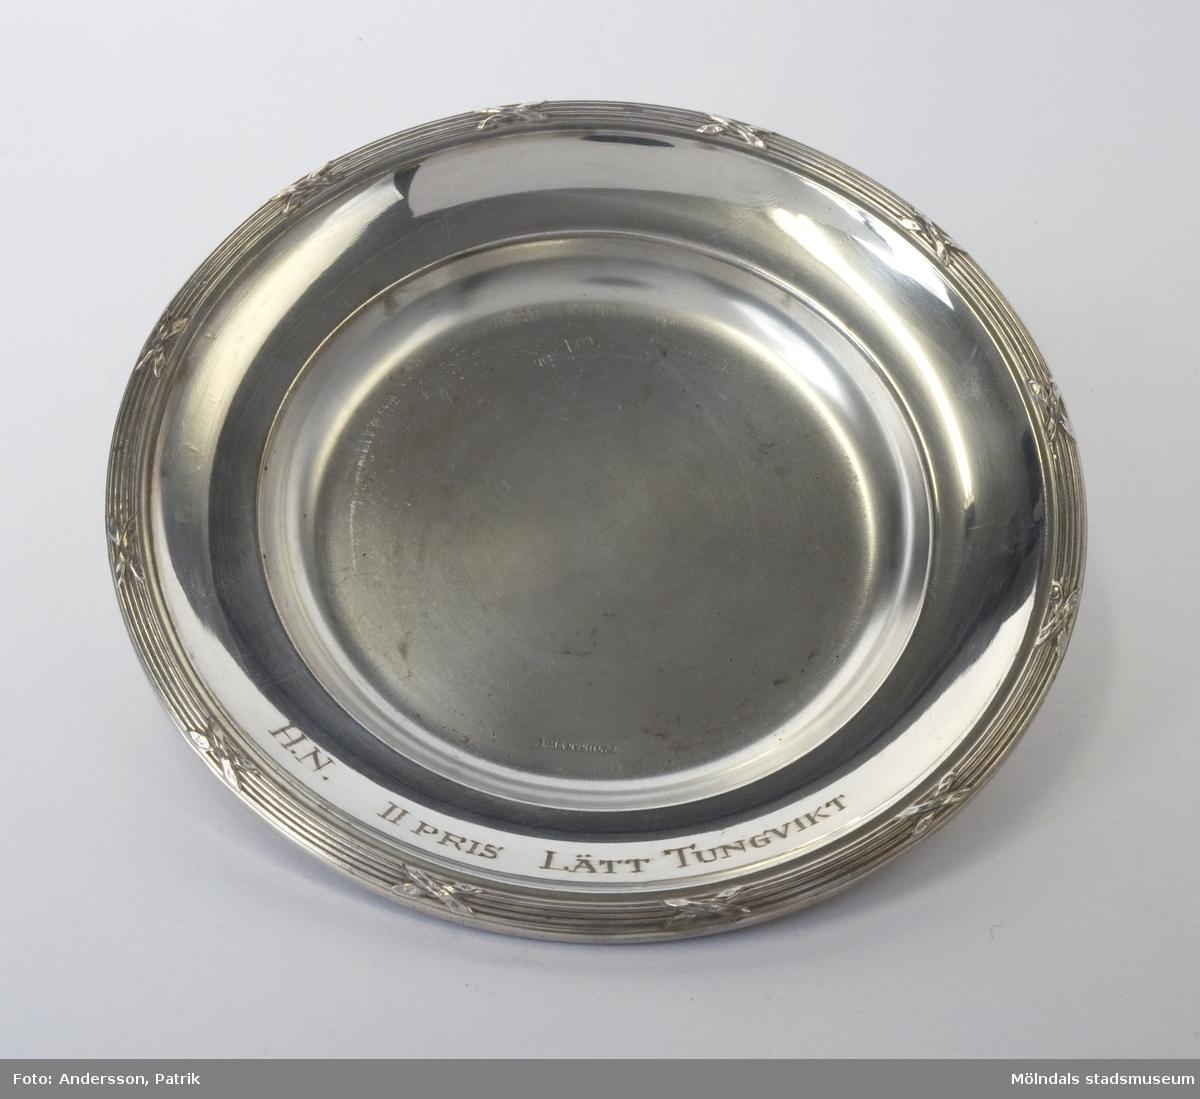 Idrottspris, andra pris, tilldelat tungviktsboxare Henry Nicklasson. Fat i nysilver, med gravyren: H.N. II PRIS LÄTT TUNGVIKT.